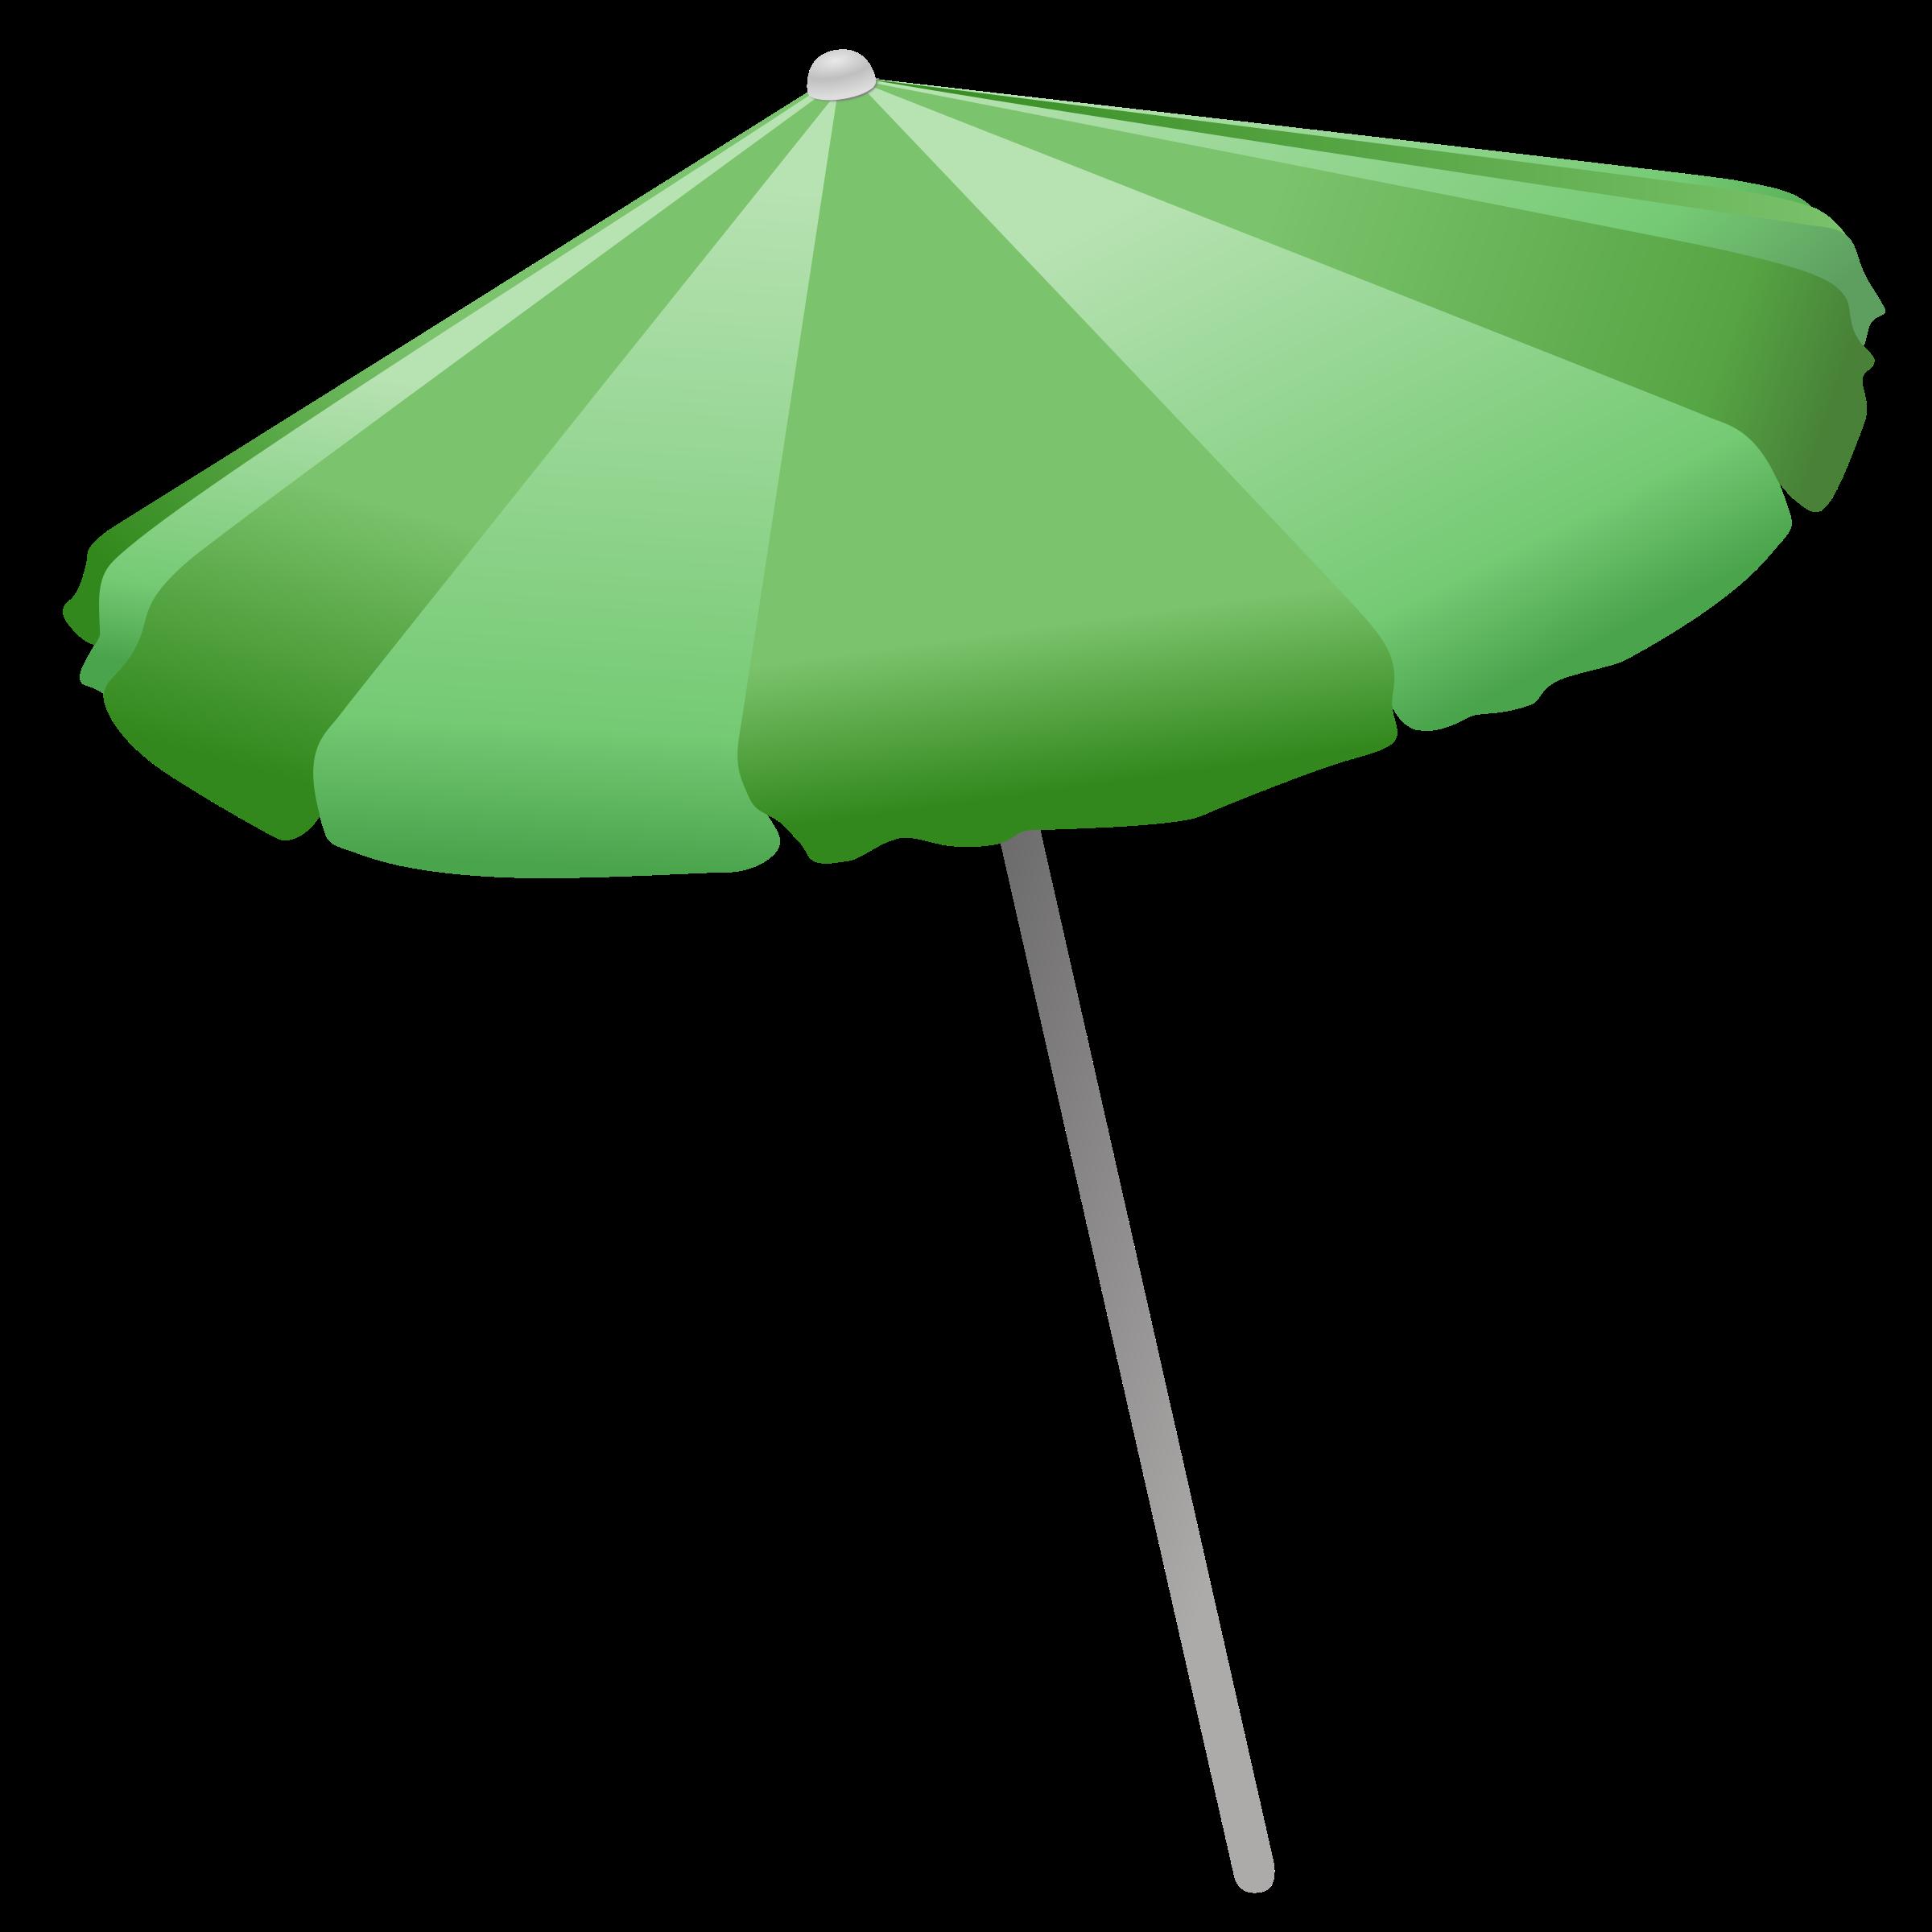 Sun umbrella clipart vector freeuse stock Clipart - Beach Umbrella vector freeuse stock